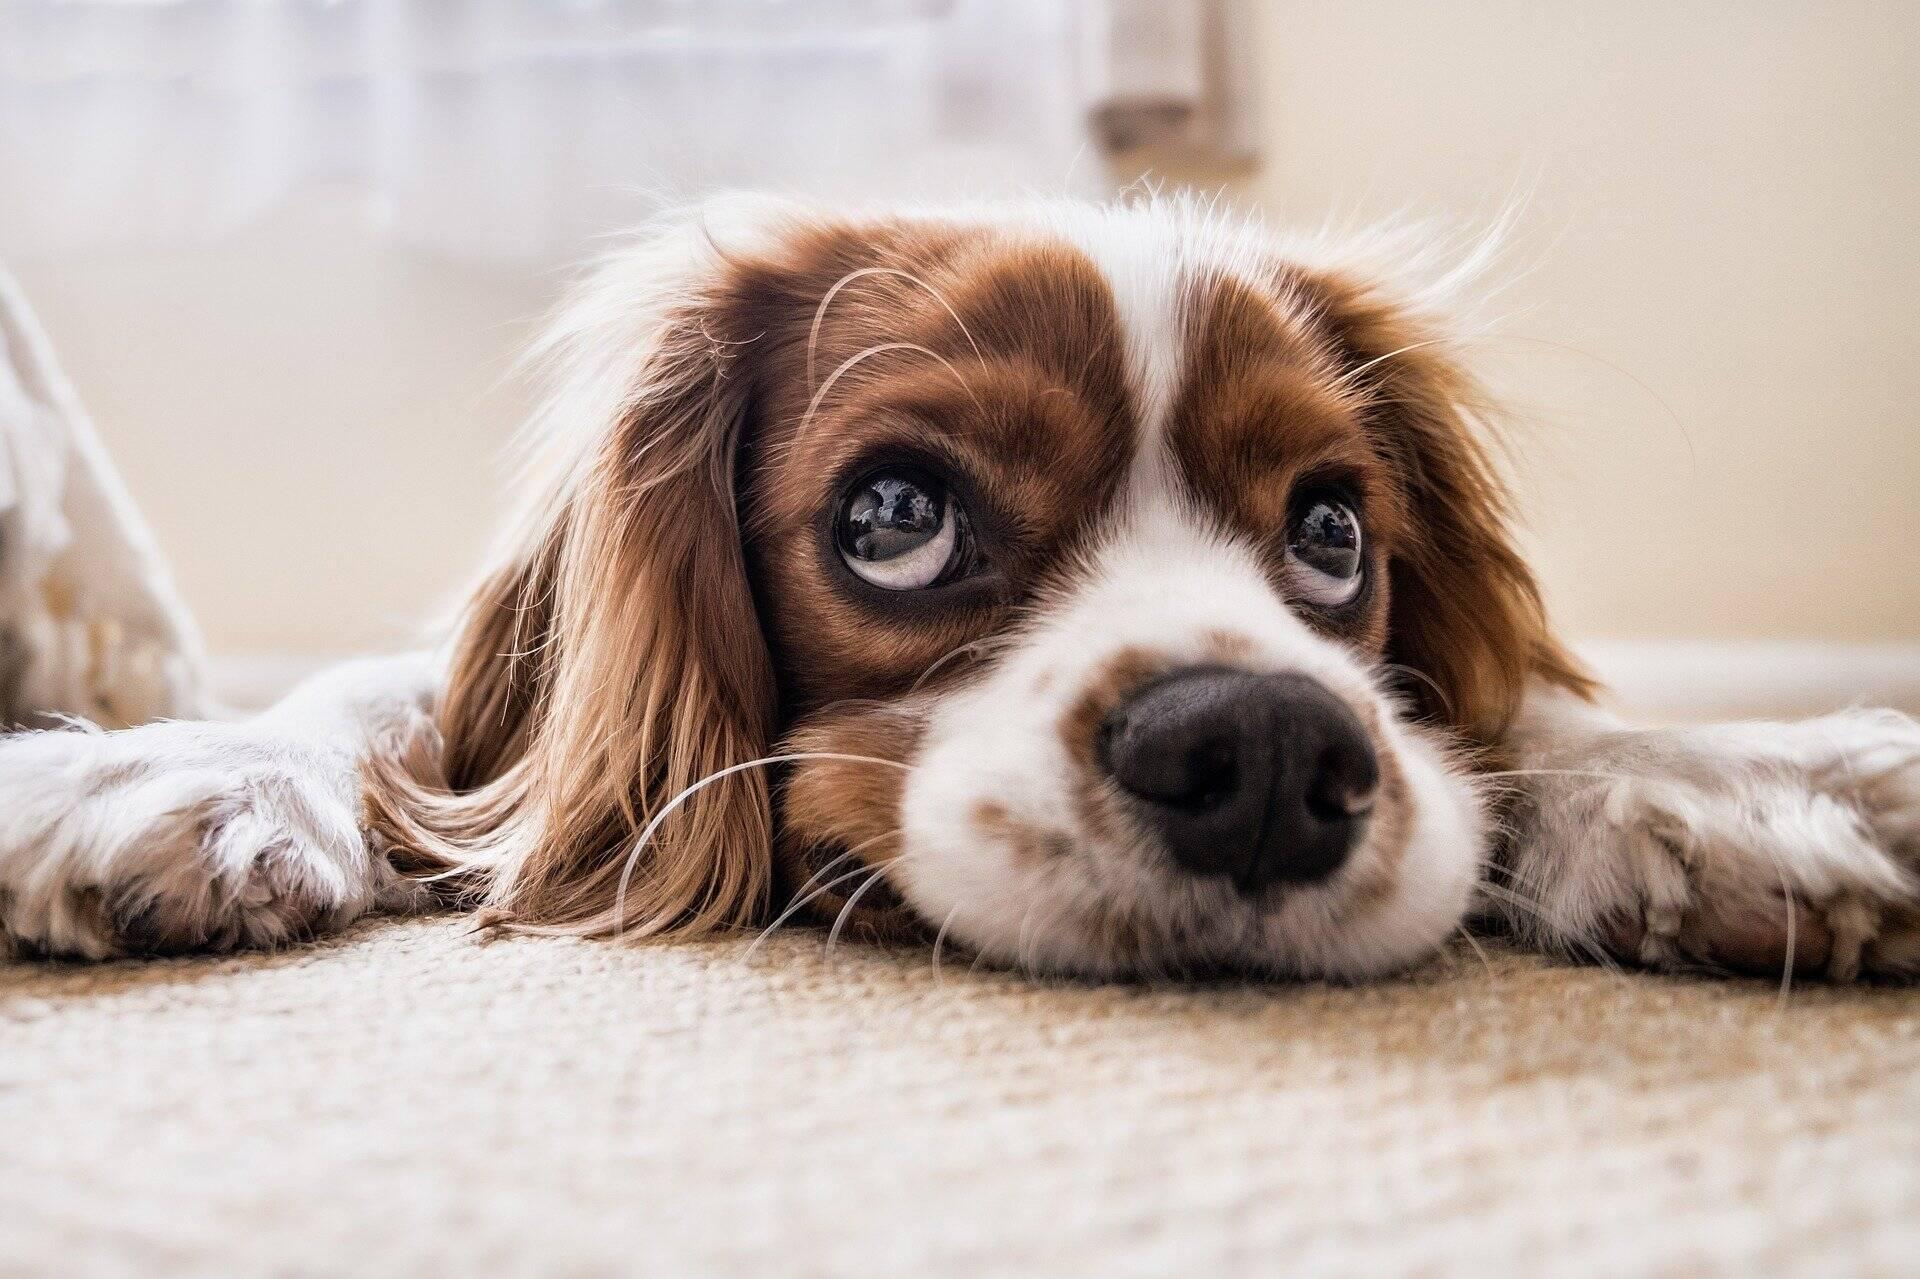 9 coisas que você não sabe sobre os cães, segundo a ciência